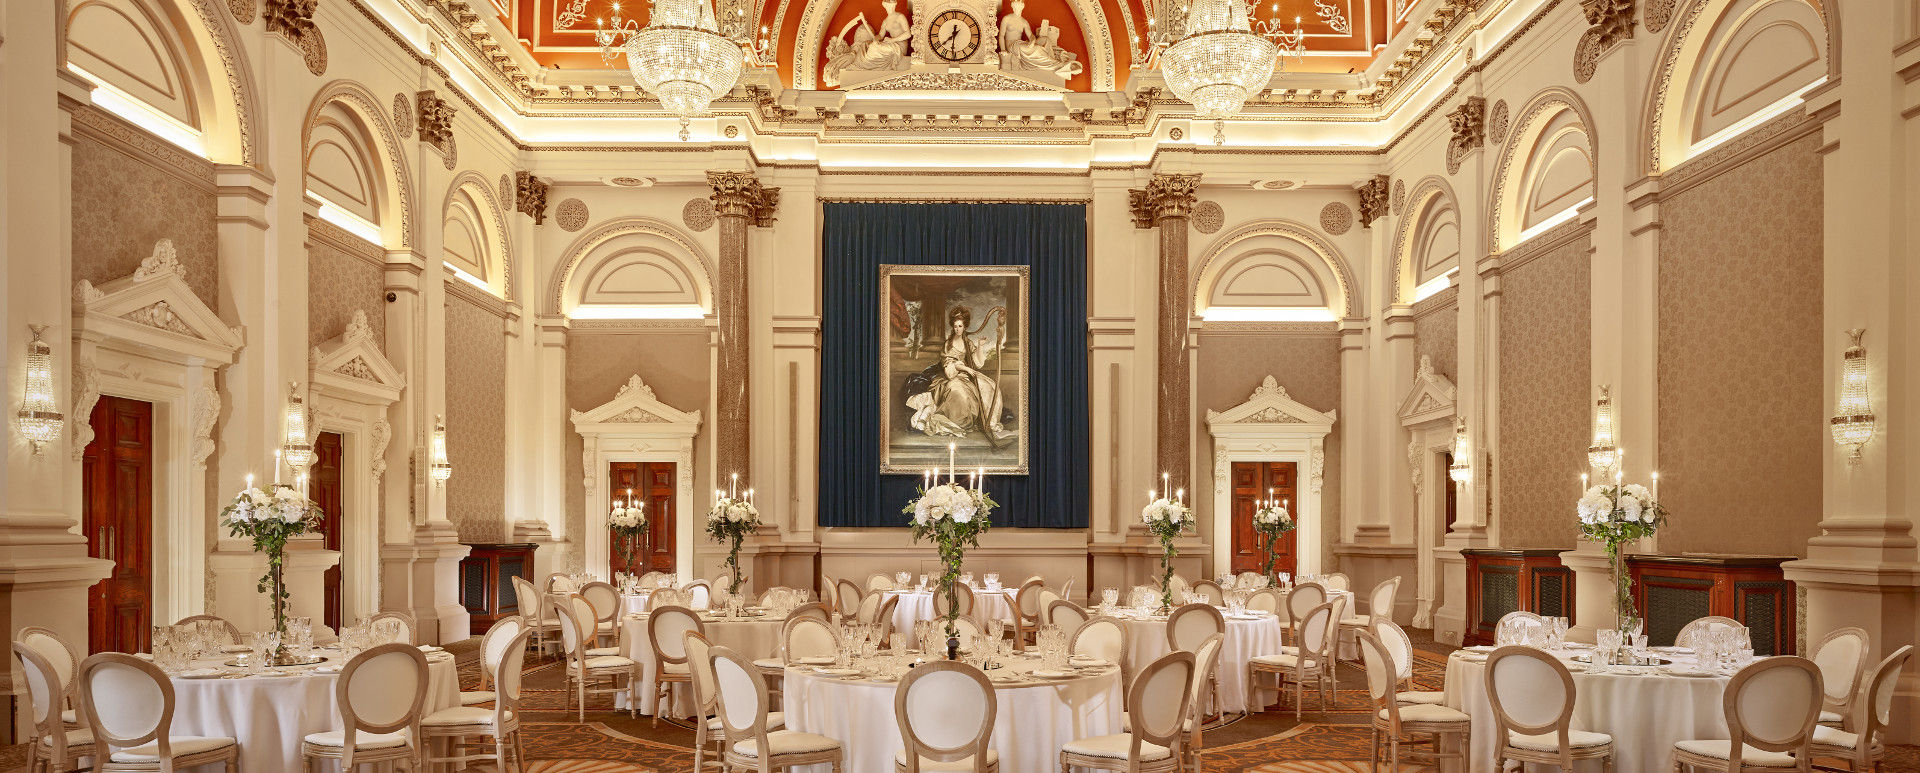 The Banking Hall - Gala Banqueting